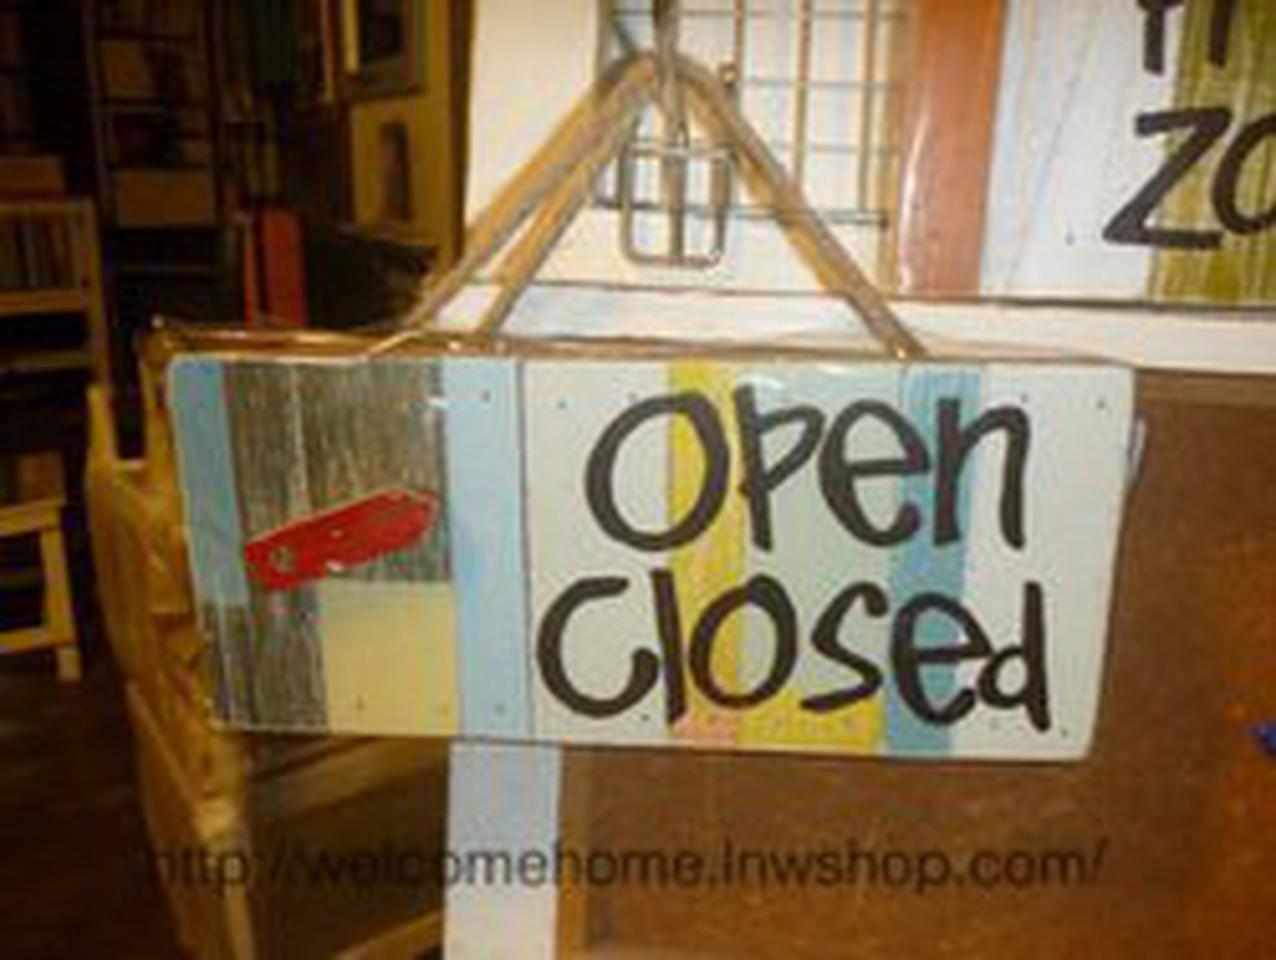 ป้ายเปิด-ปิดสวยๆสำหรับตกแต่งหน้าร้านอาหารตามสั่งร้านกาแฟครับ รูปที่ 2